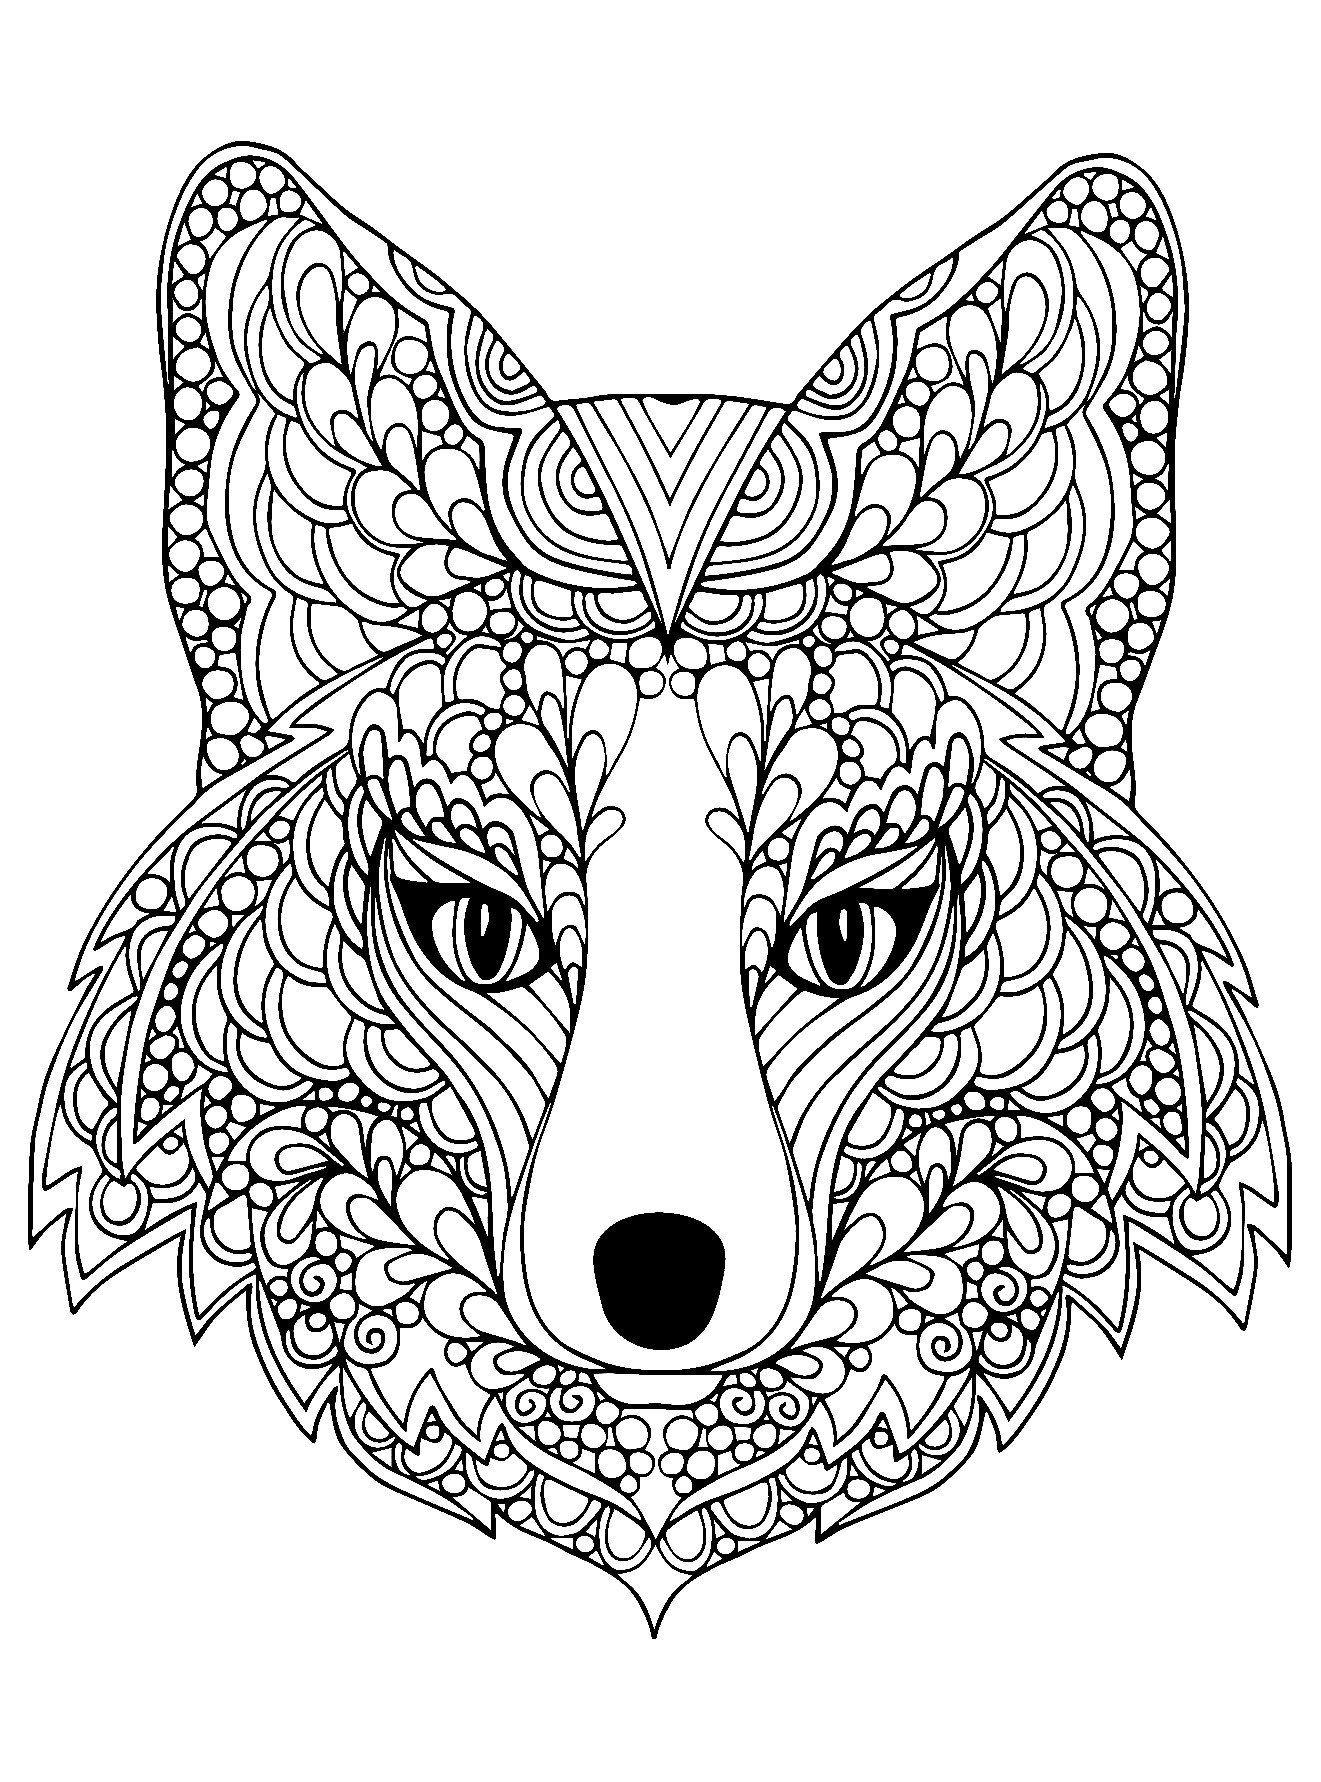 Fox Mandala Coloring Pages Fox Mandala Coloring Pages Fox Coloring Page Animal Coloring Pages Mandala Coloring Pages